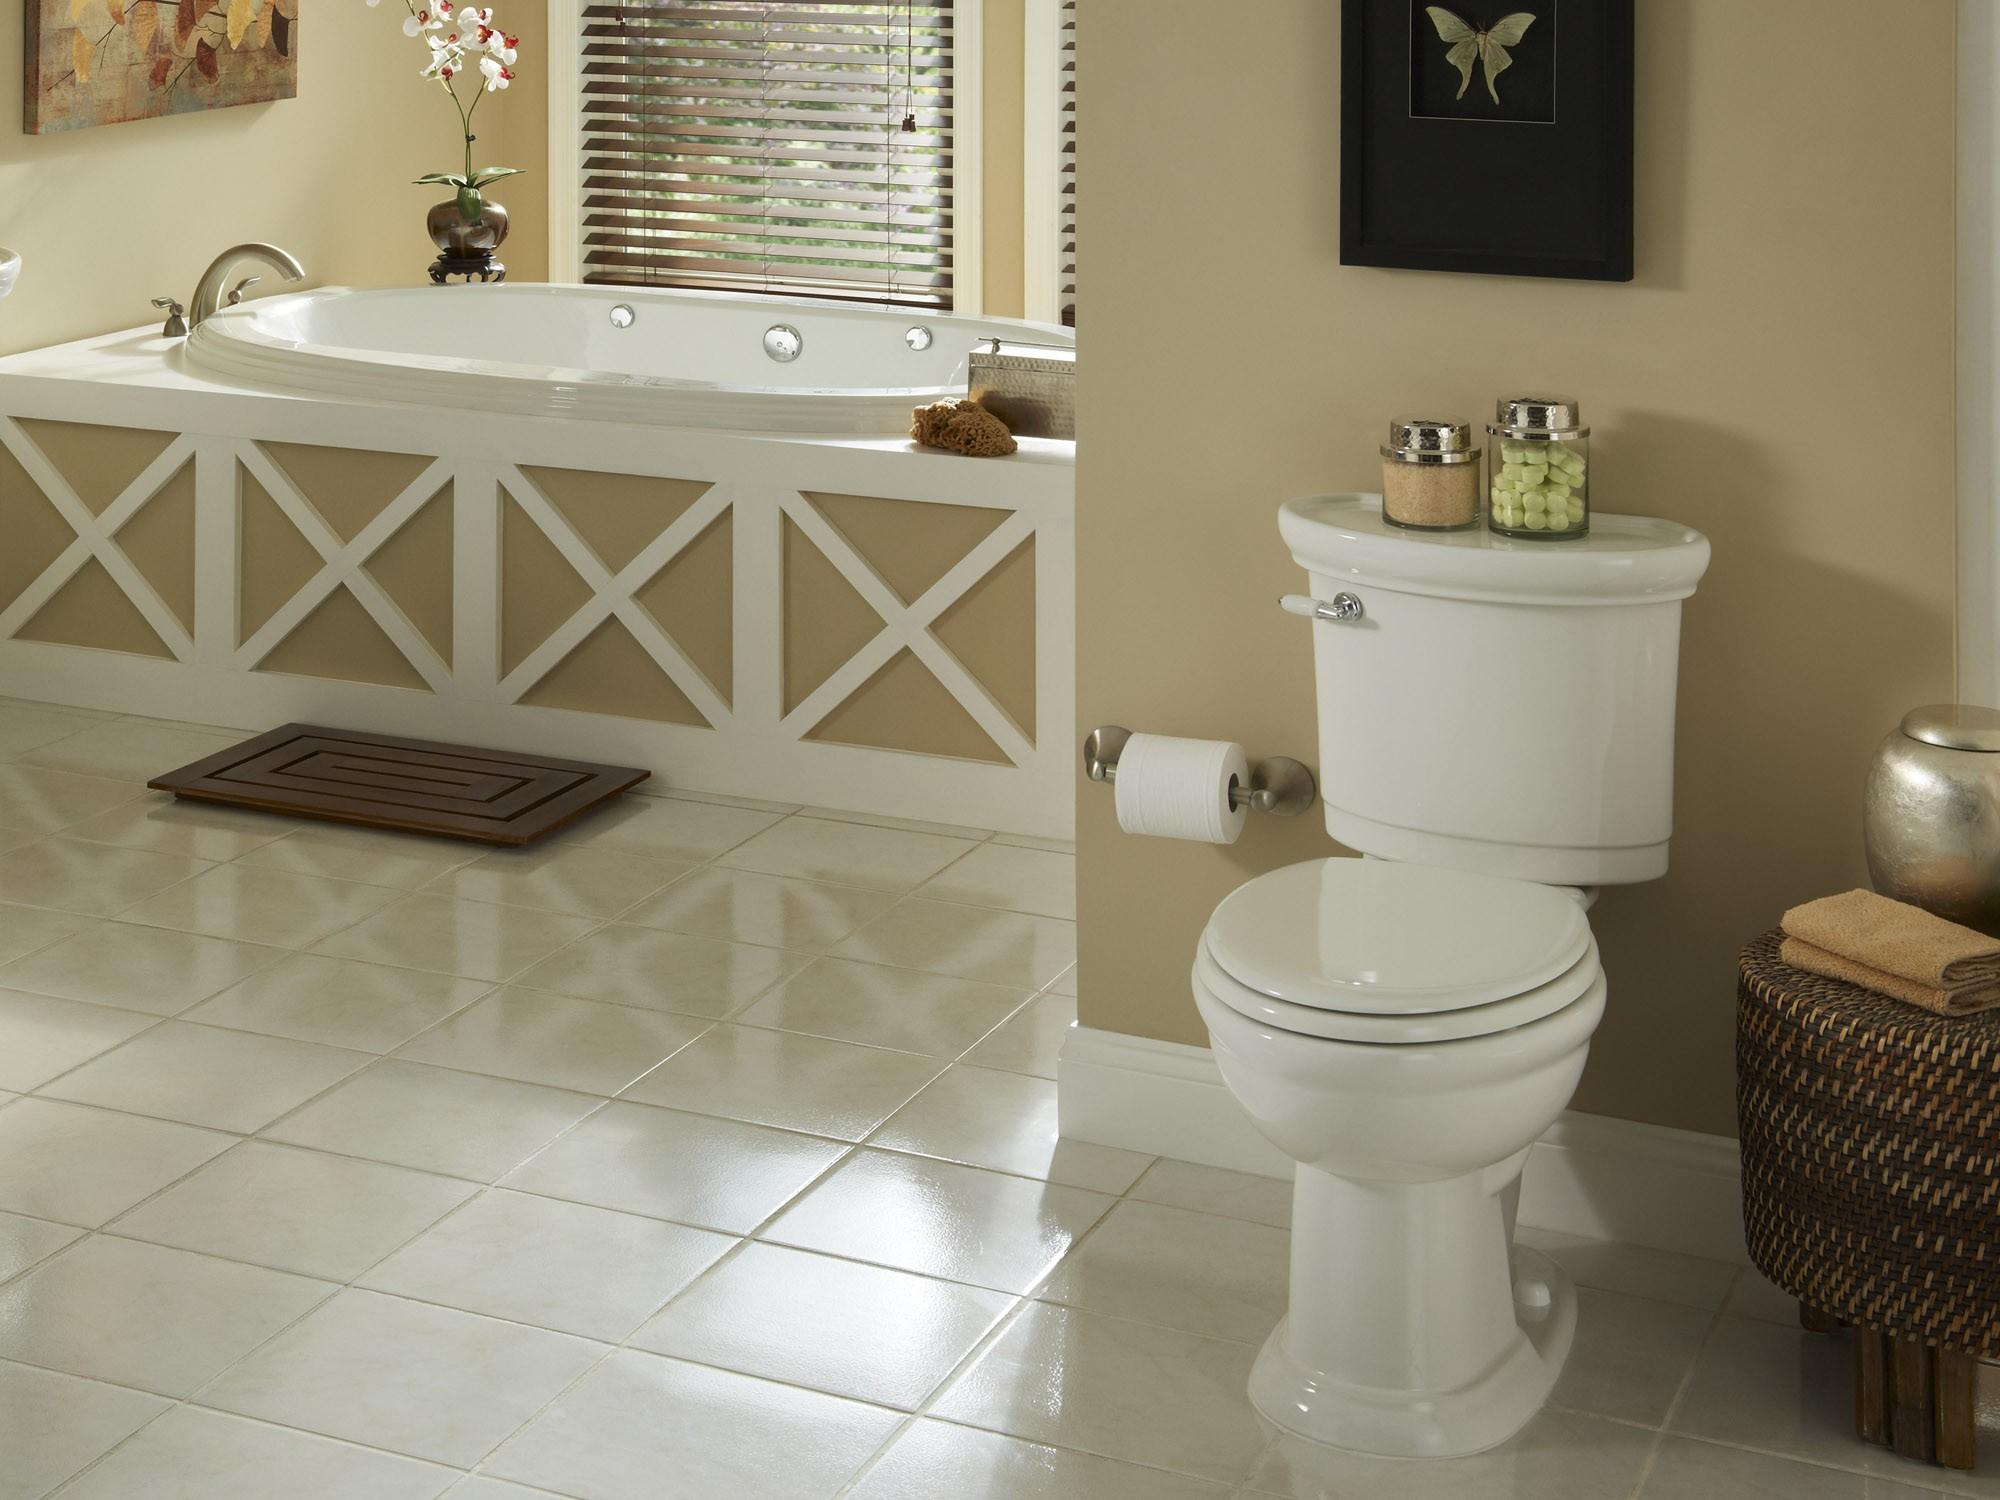 7 id es d co supers pour vos toilettes astuces de filles. Black Bedroom Furniture Sets. Home Design Ideas